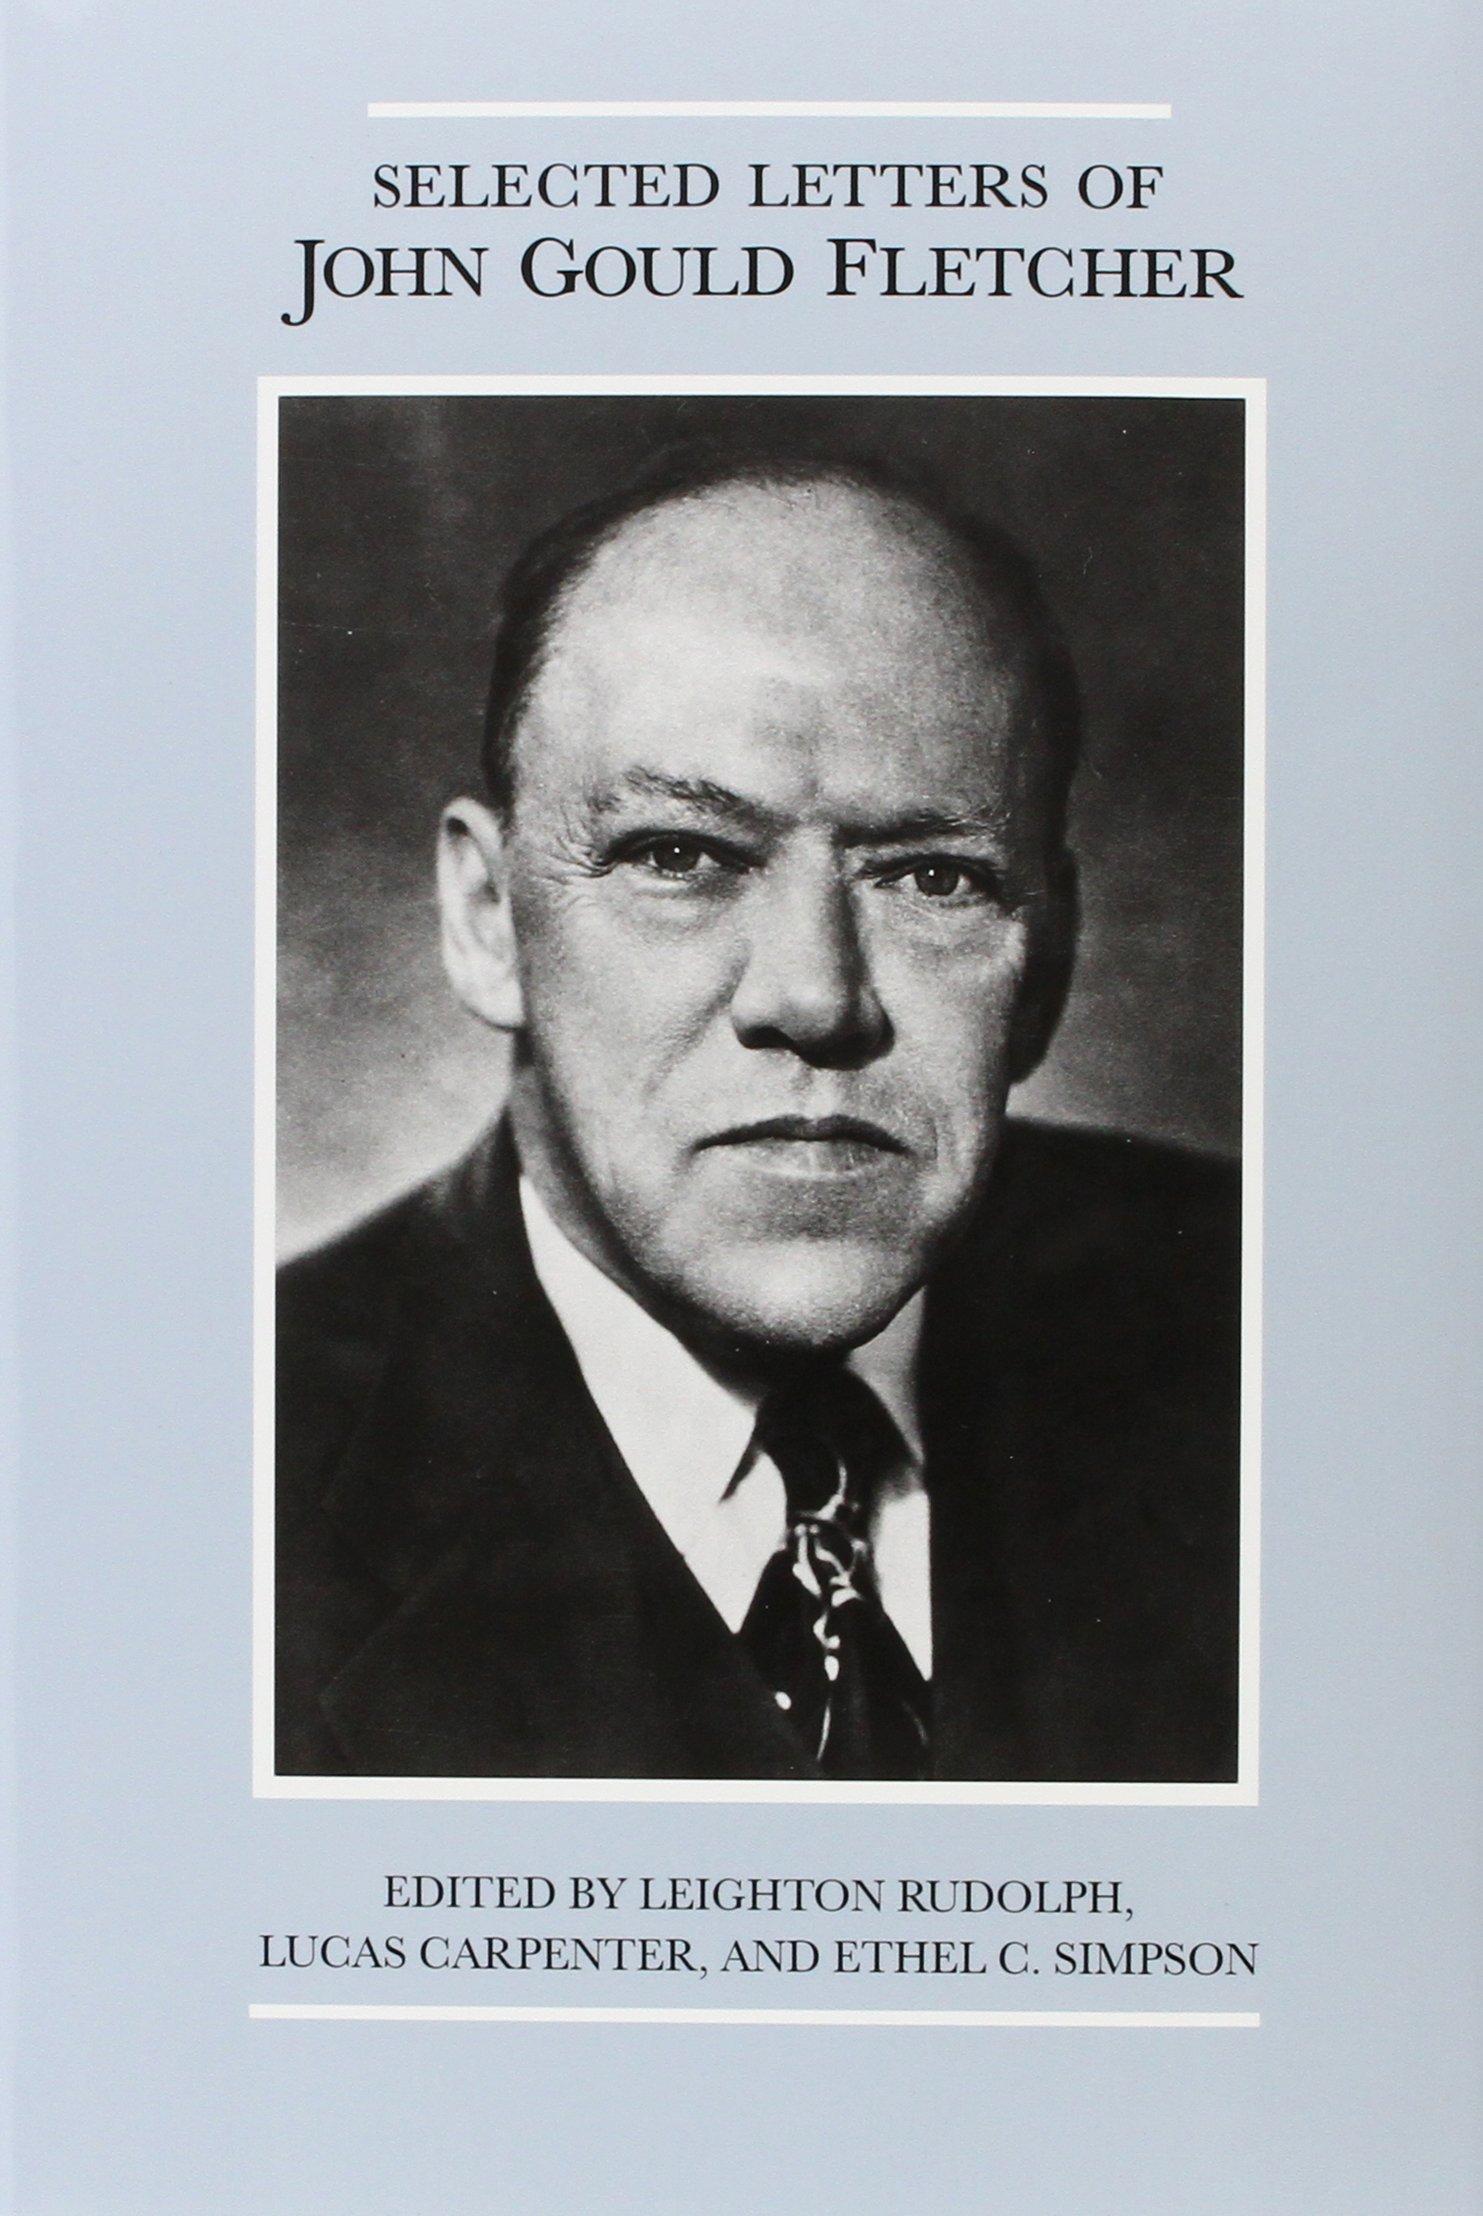 John Gould Fletcher modernism